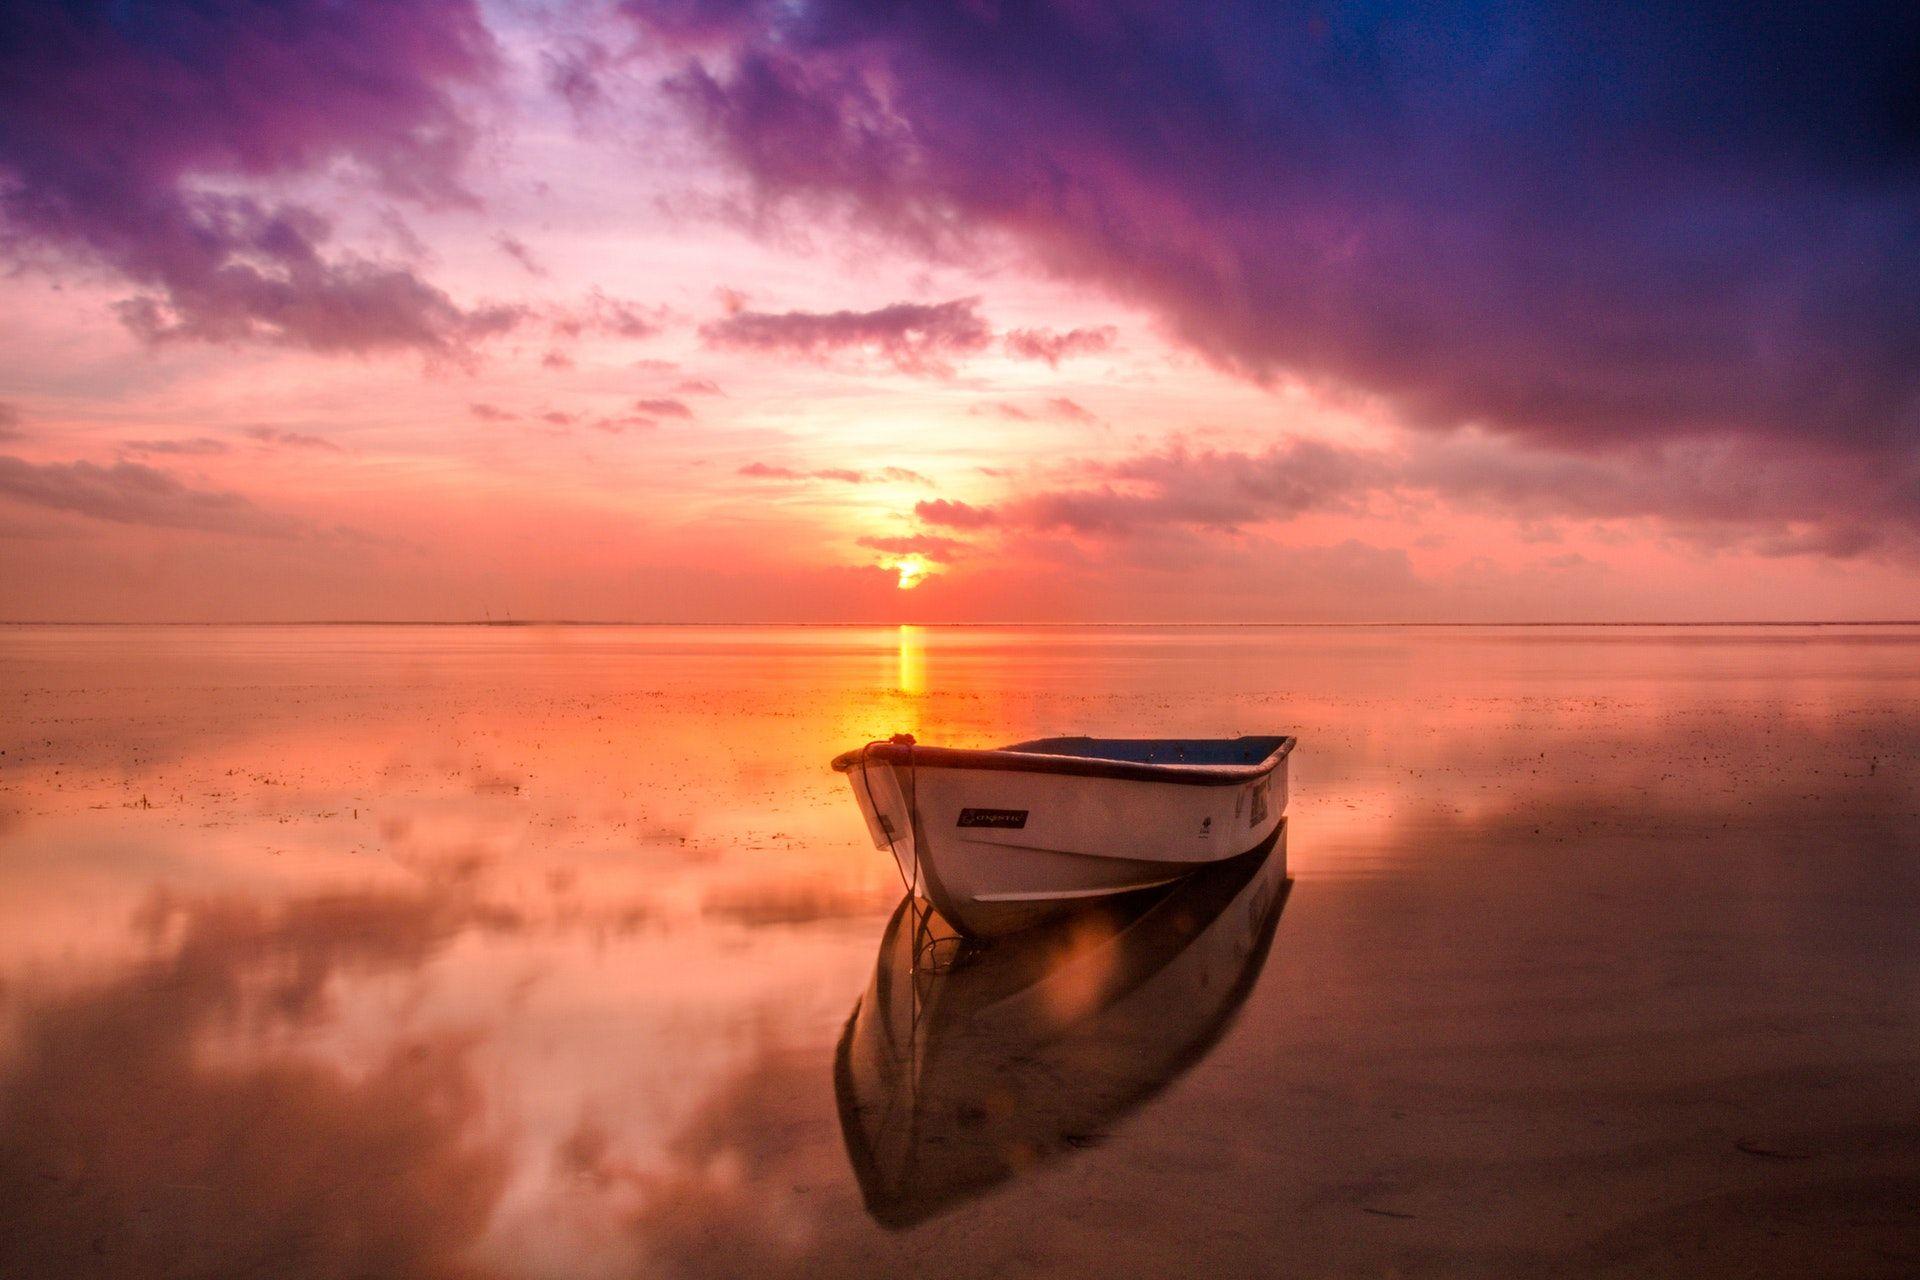 عکس زمینه قایق درآب و غذوب پس زمینه